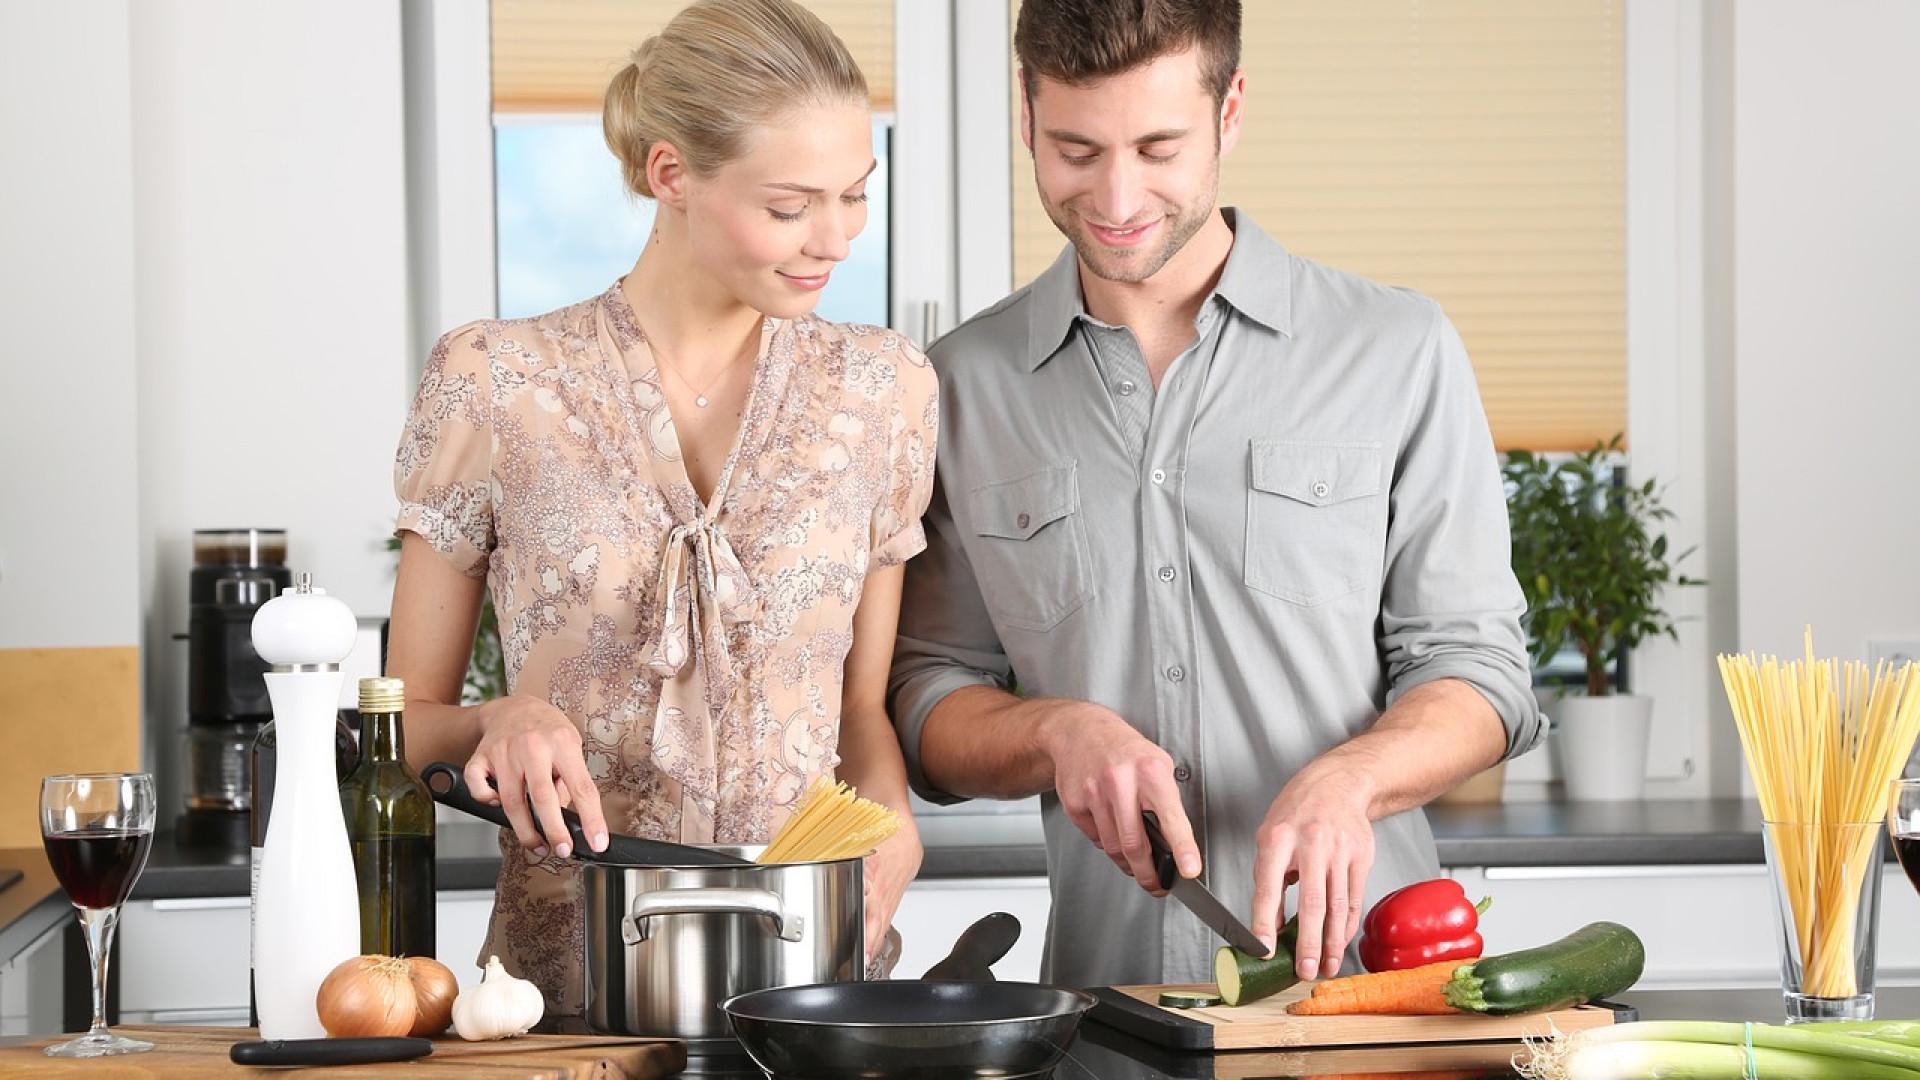 Pourquoi faire installer une cuisine sur mesure chez soi?